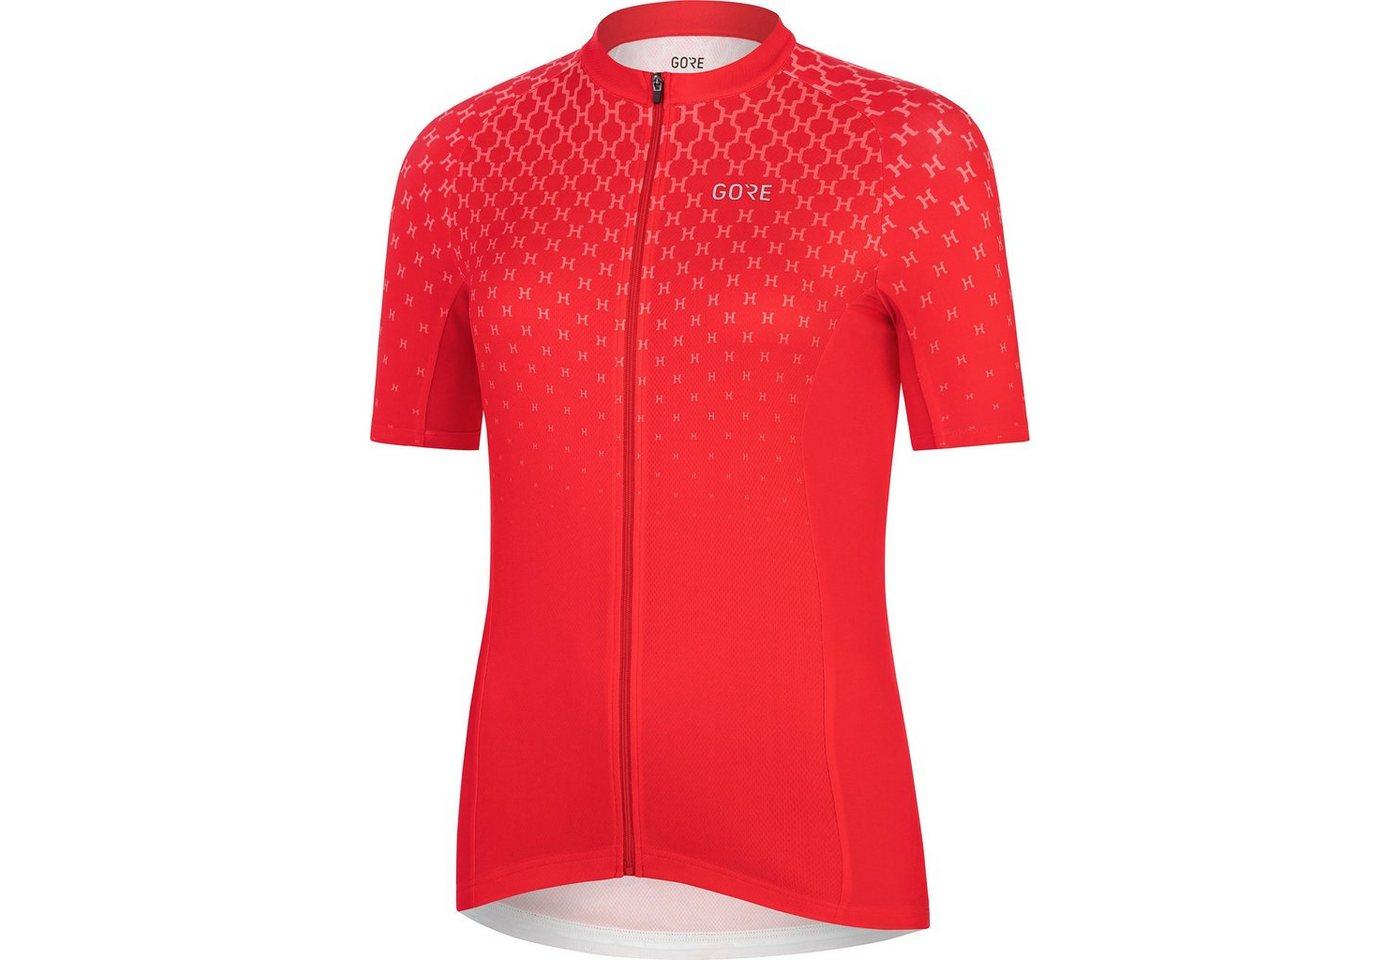 Sportmode - GORE® Wear Trikot »Hakka« keine Angabe › rot  - Onlineshop OTTO